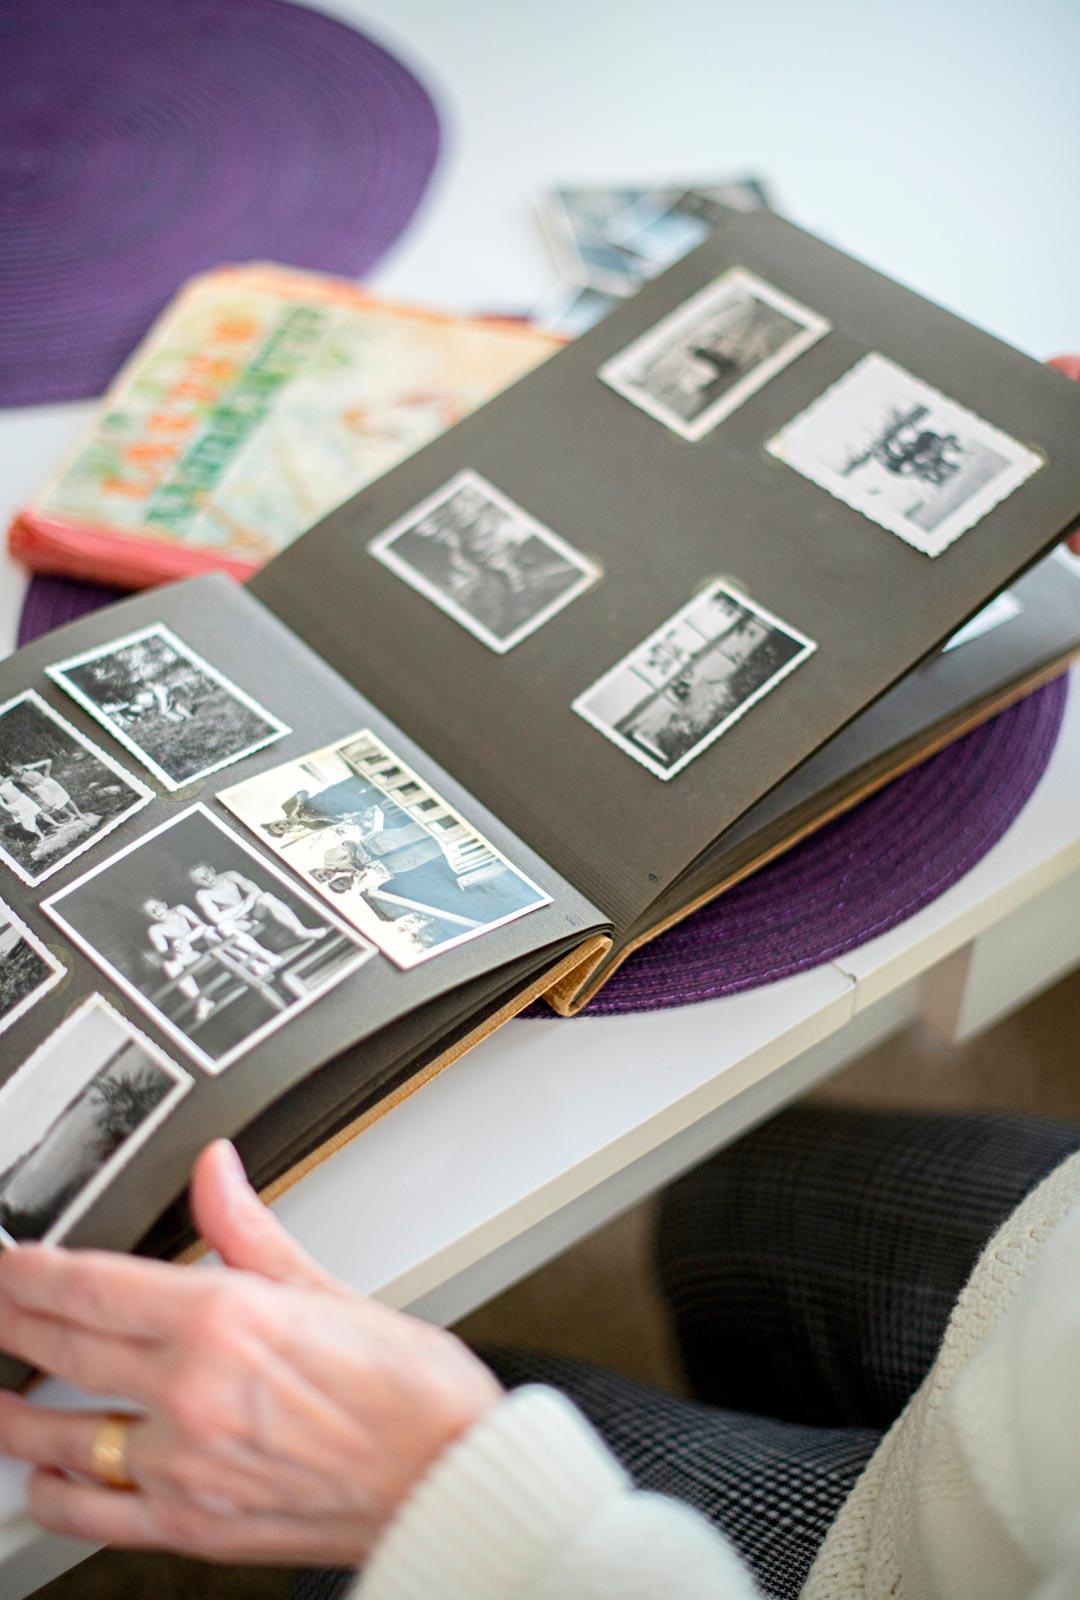 Sota-ajan valokuvien taakse kätkeytyy monta kertomatta jäänyttä tarinaa.